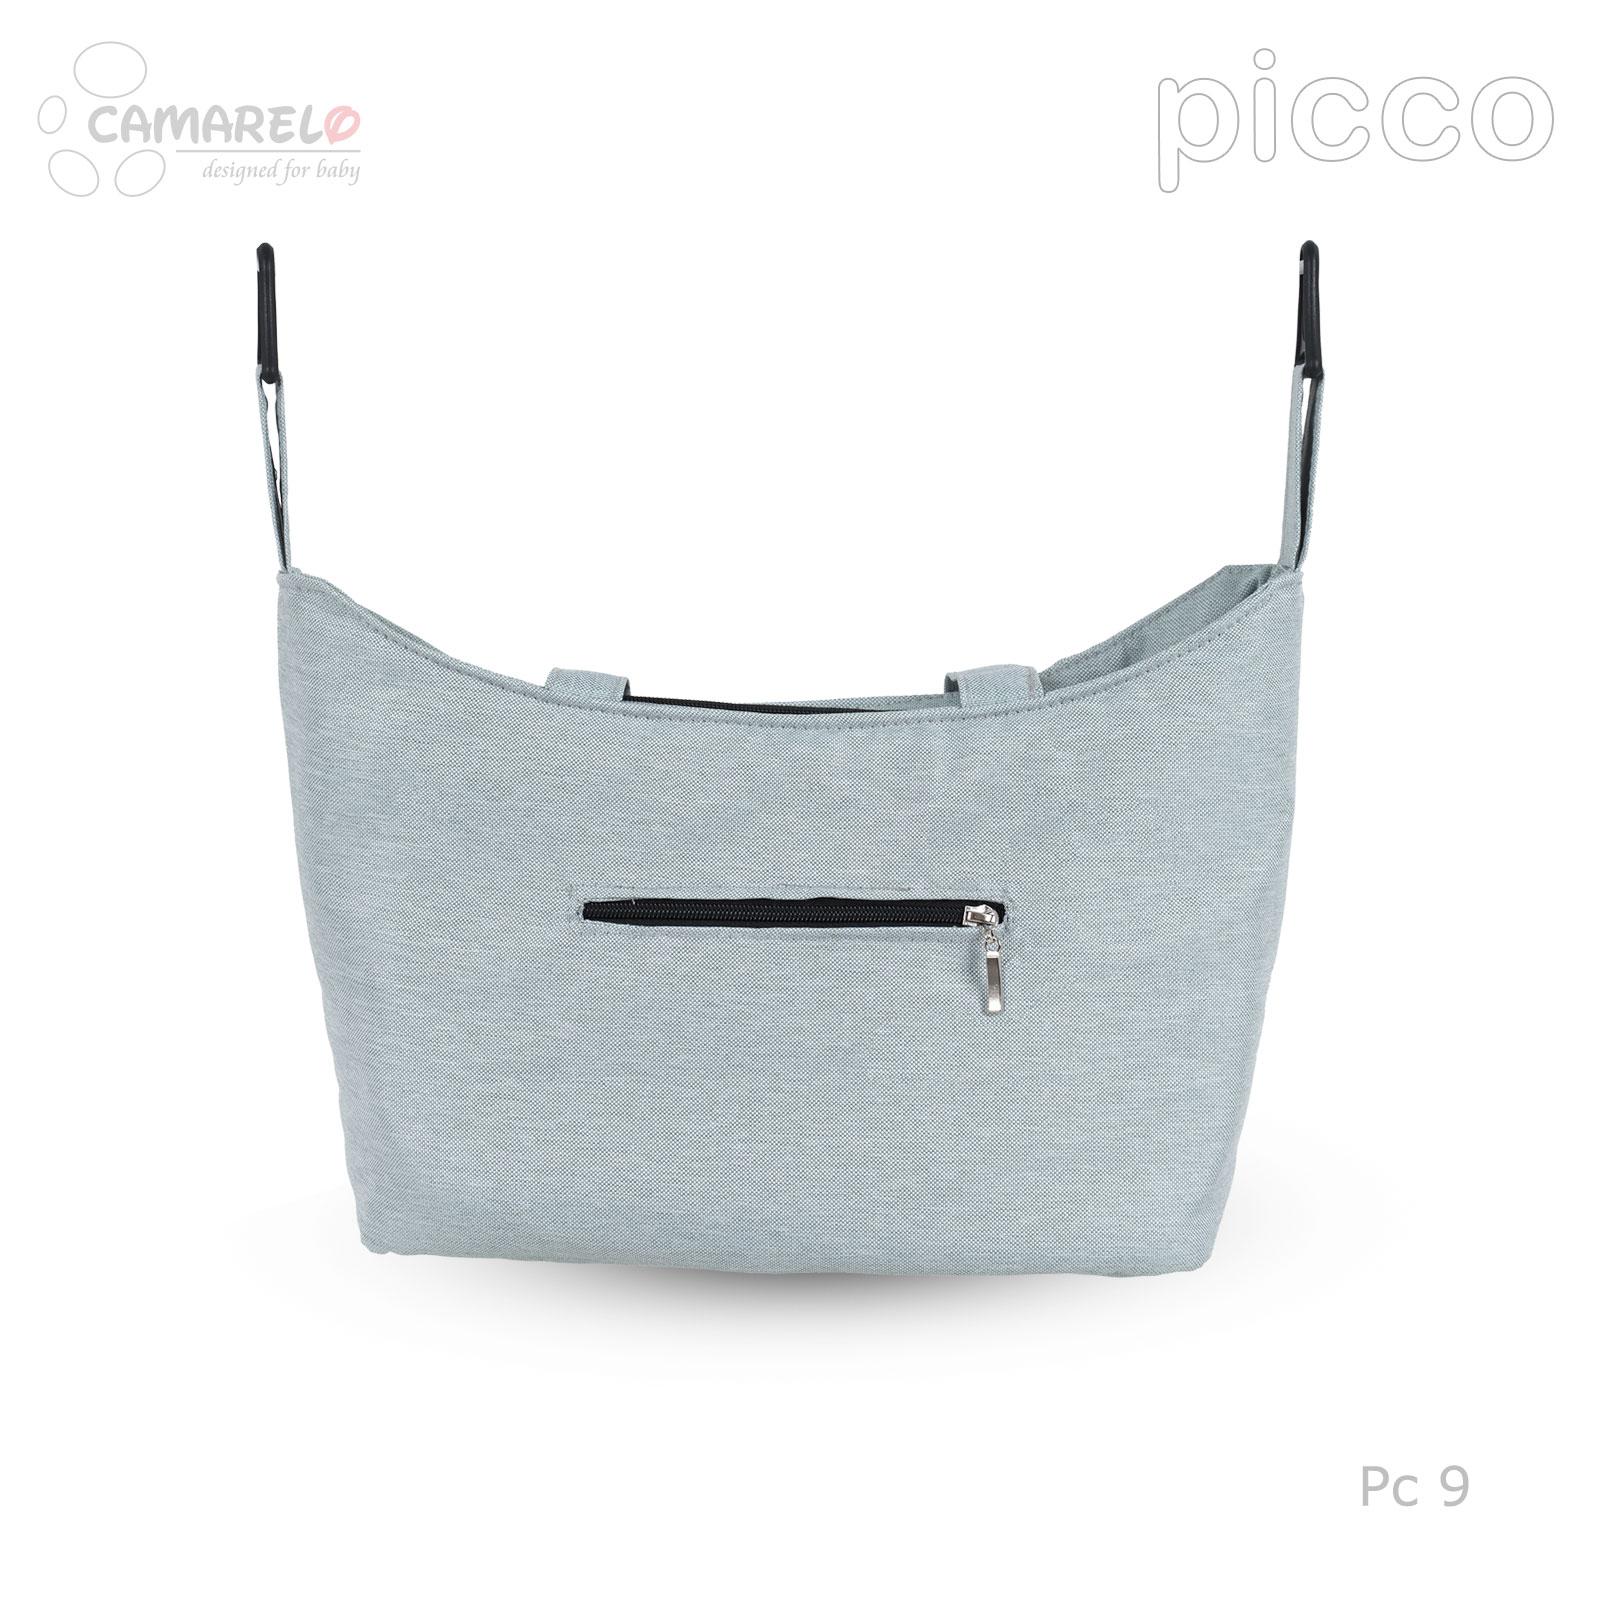 Picco-09-11